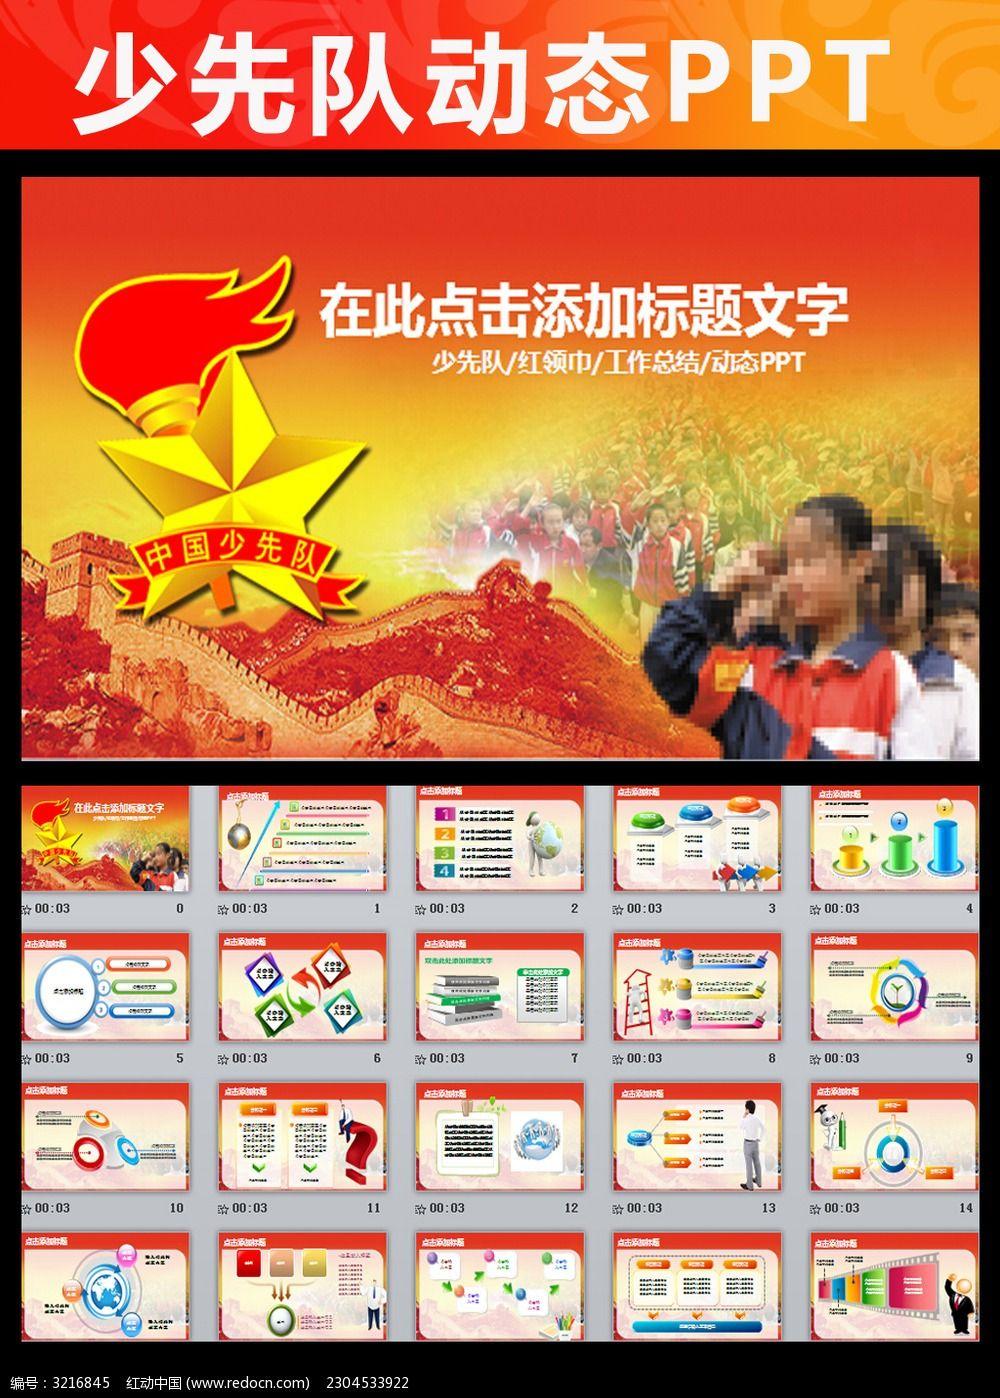 少先队员 红领巾 小学生 少年 PPT 模板 PPT背景 图表 动态PPT 会议